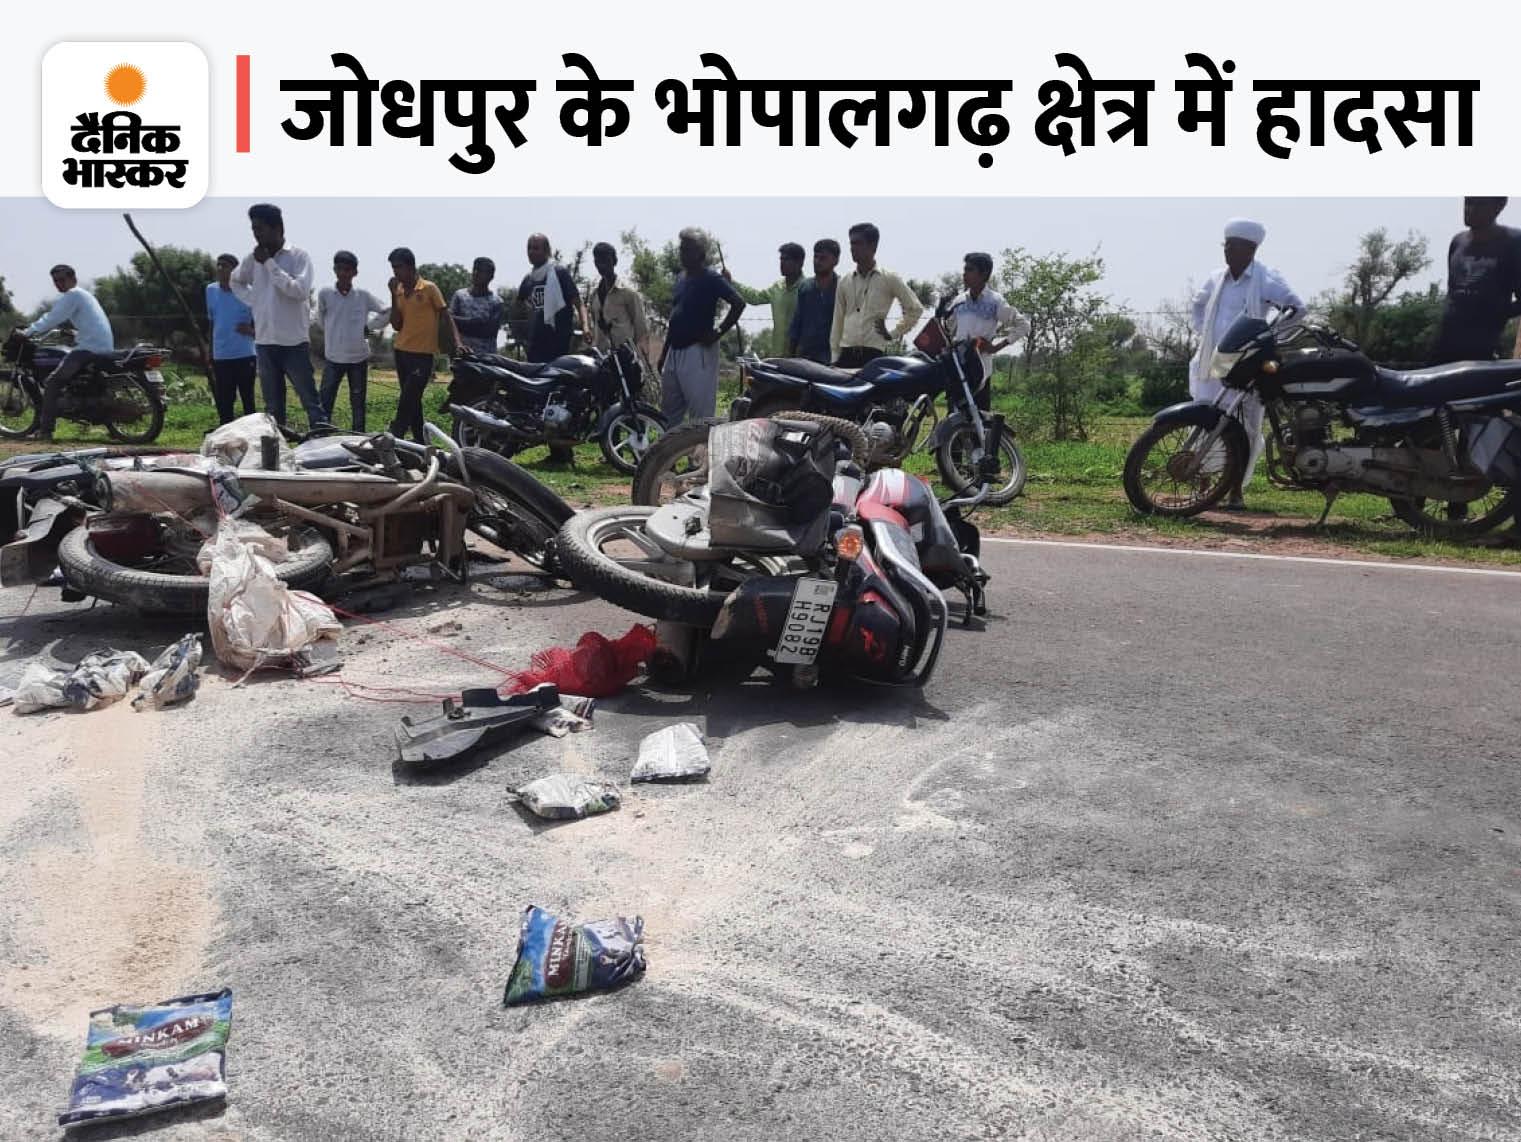 हादसे के बाद बाइक से उछलकर गिरे युवक, हेलमेट नहीं पहना था, सिर से बहा खून; तड़पकर मौके पर ही हो गई मौत|जोधपुर,Jodhpur - Dainik Bhaskar